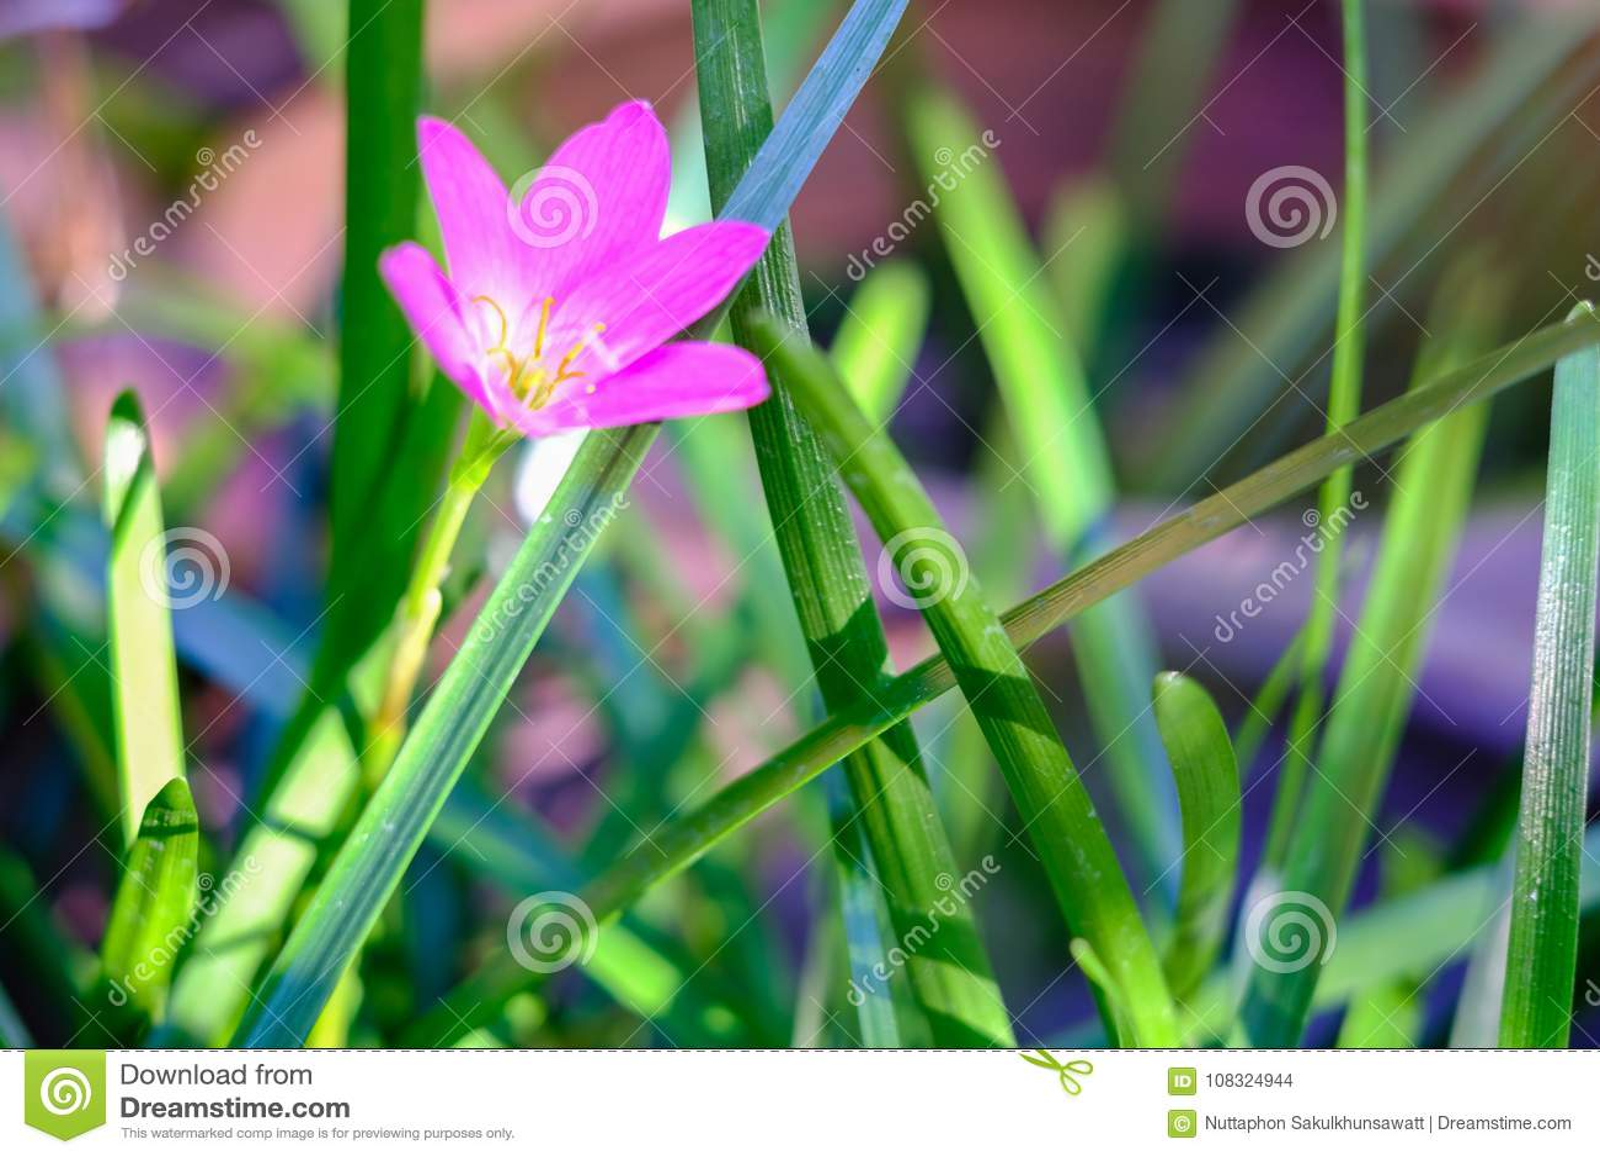 Flor rosada de Zephyranthes, cierre para arriba, nombres comunes para las especies adentro